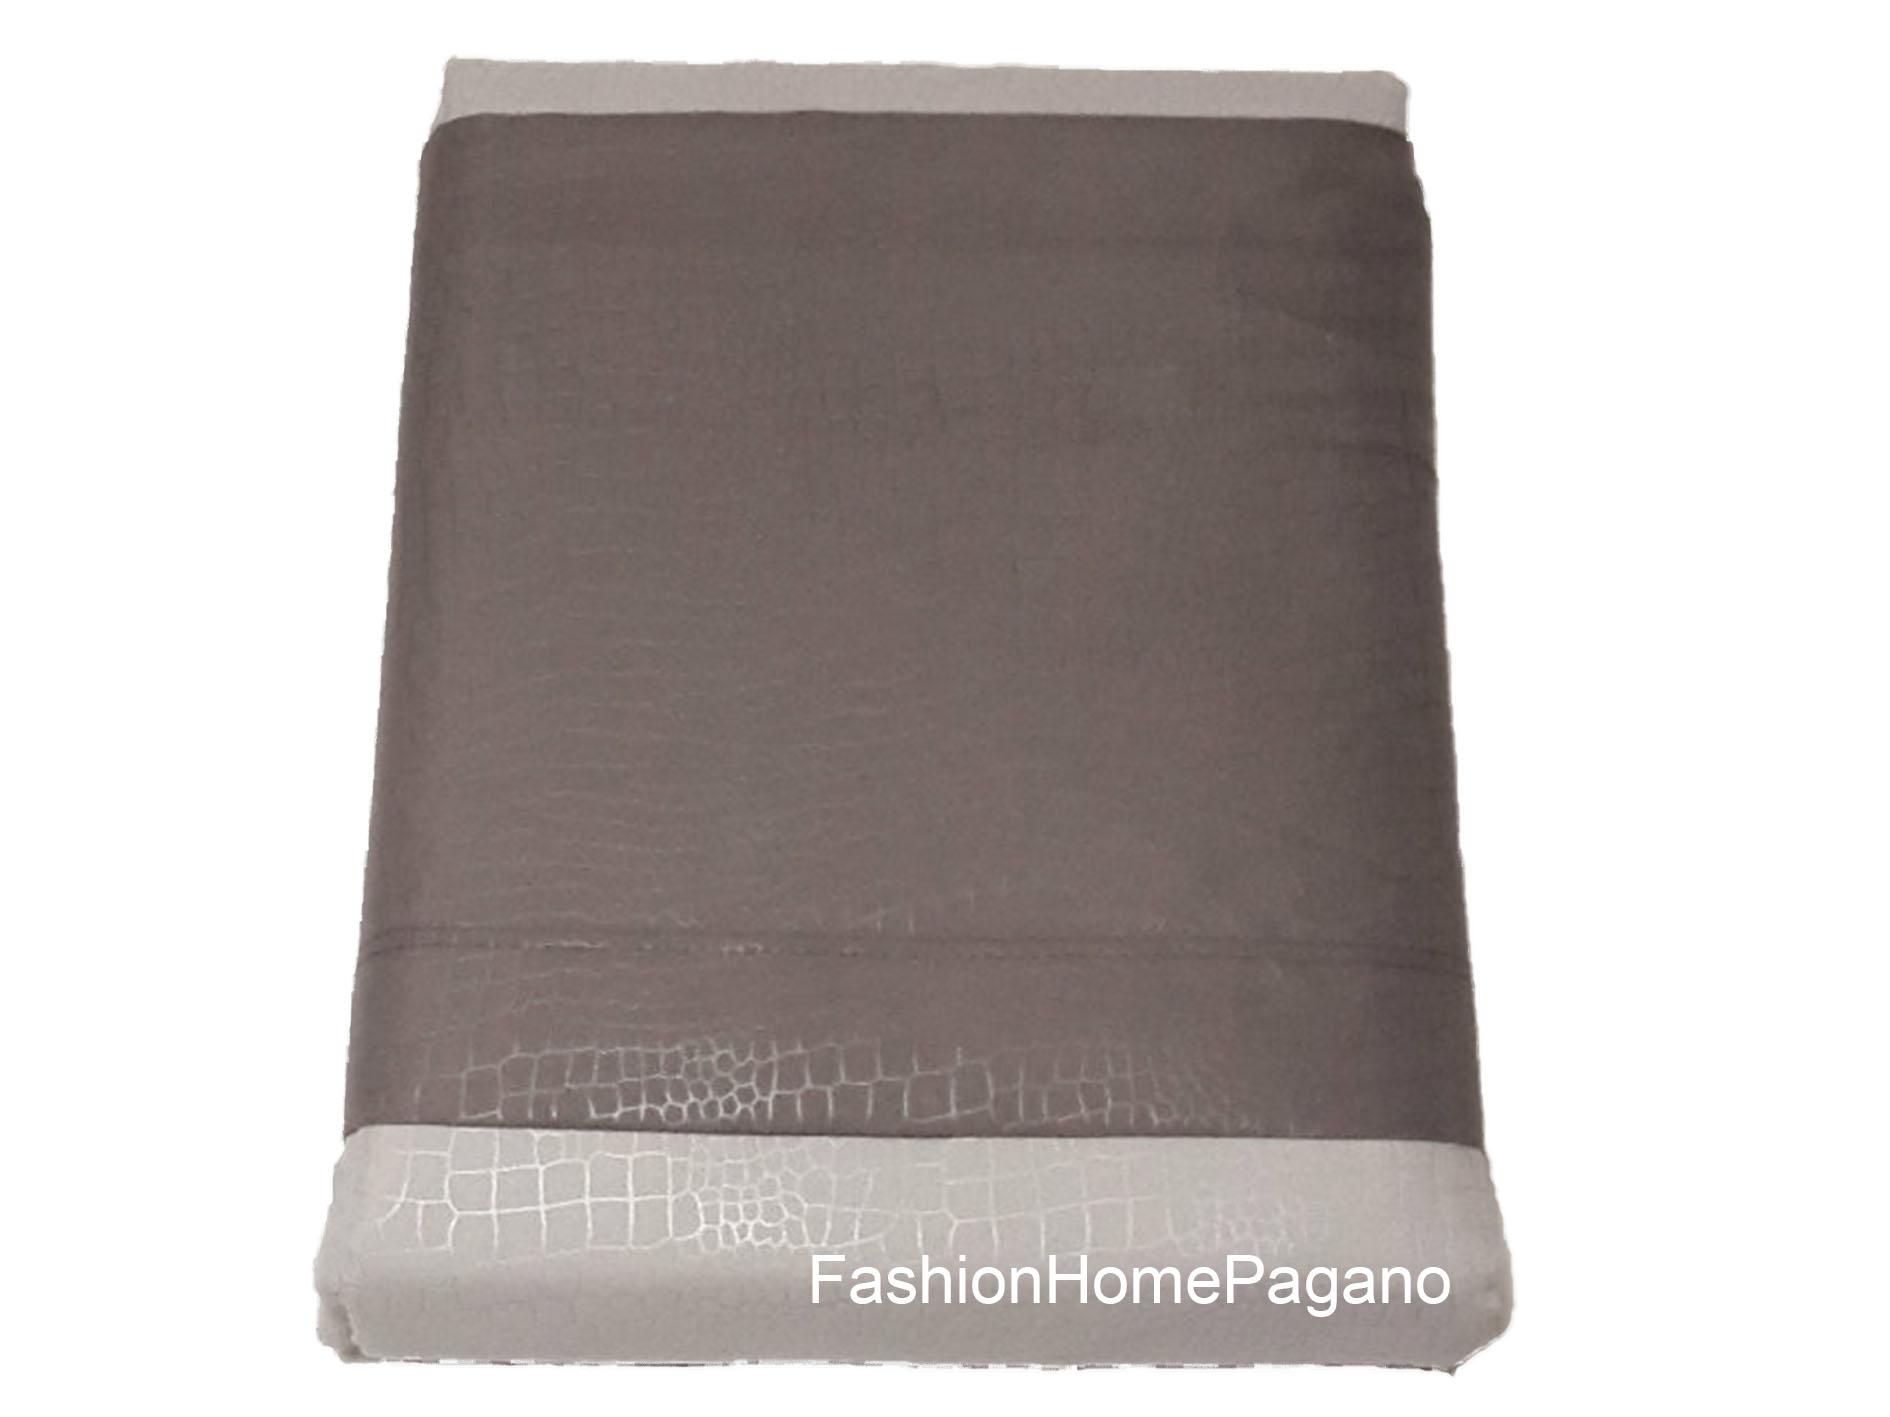 Copripiumino Marta Marzotto.Fhp 01444 Copripiumini Fashion Home Pagano Copripiumino